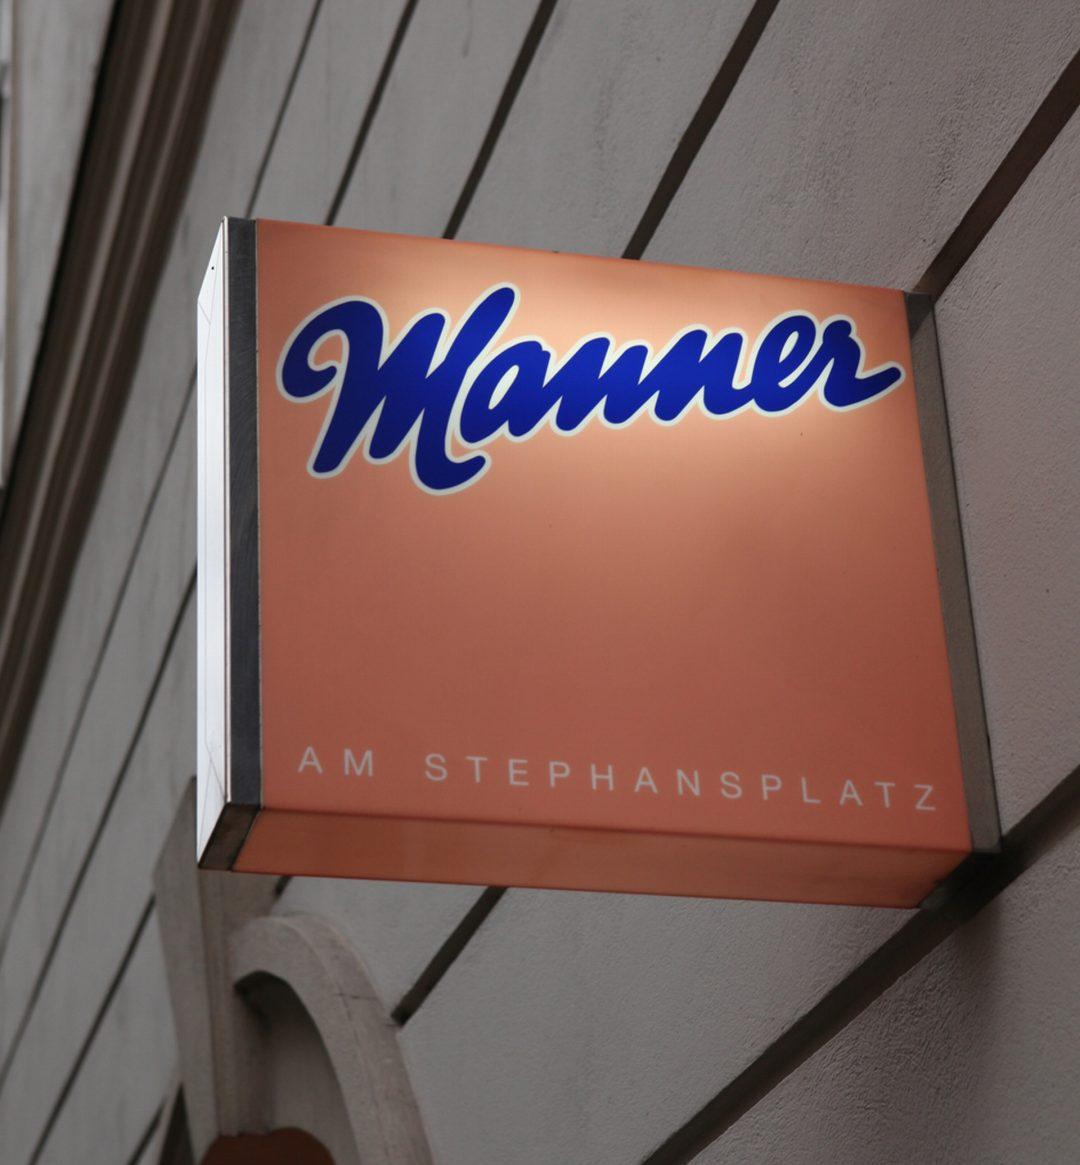 http://www.howtravel.com/wp-content/uploads/2015/08/slick_Manner-Stephansplatz_100-1080x1165.jpg